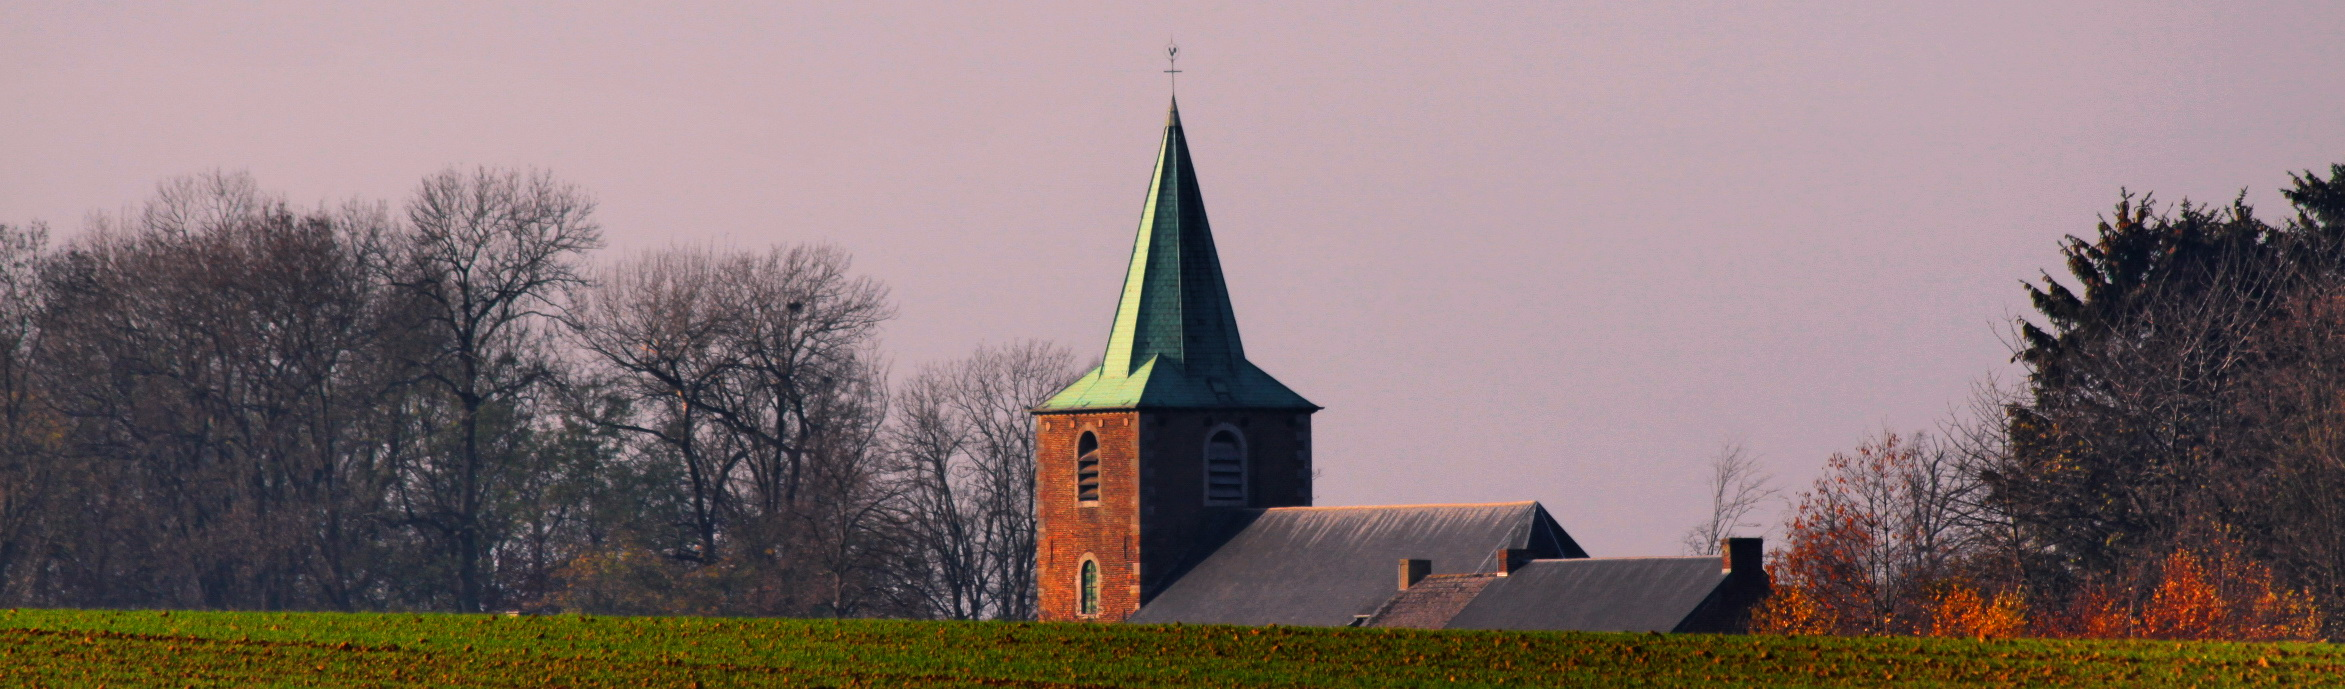 Eglise_de_Nil_St_Martin.jpg